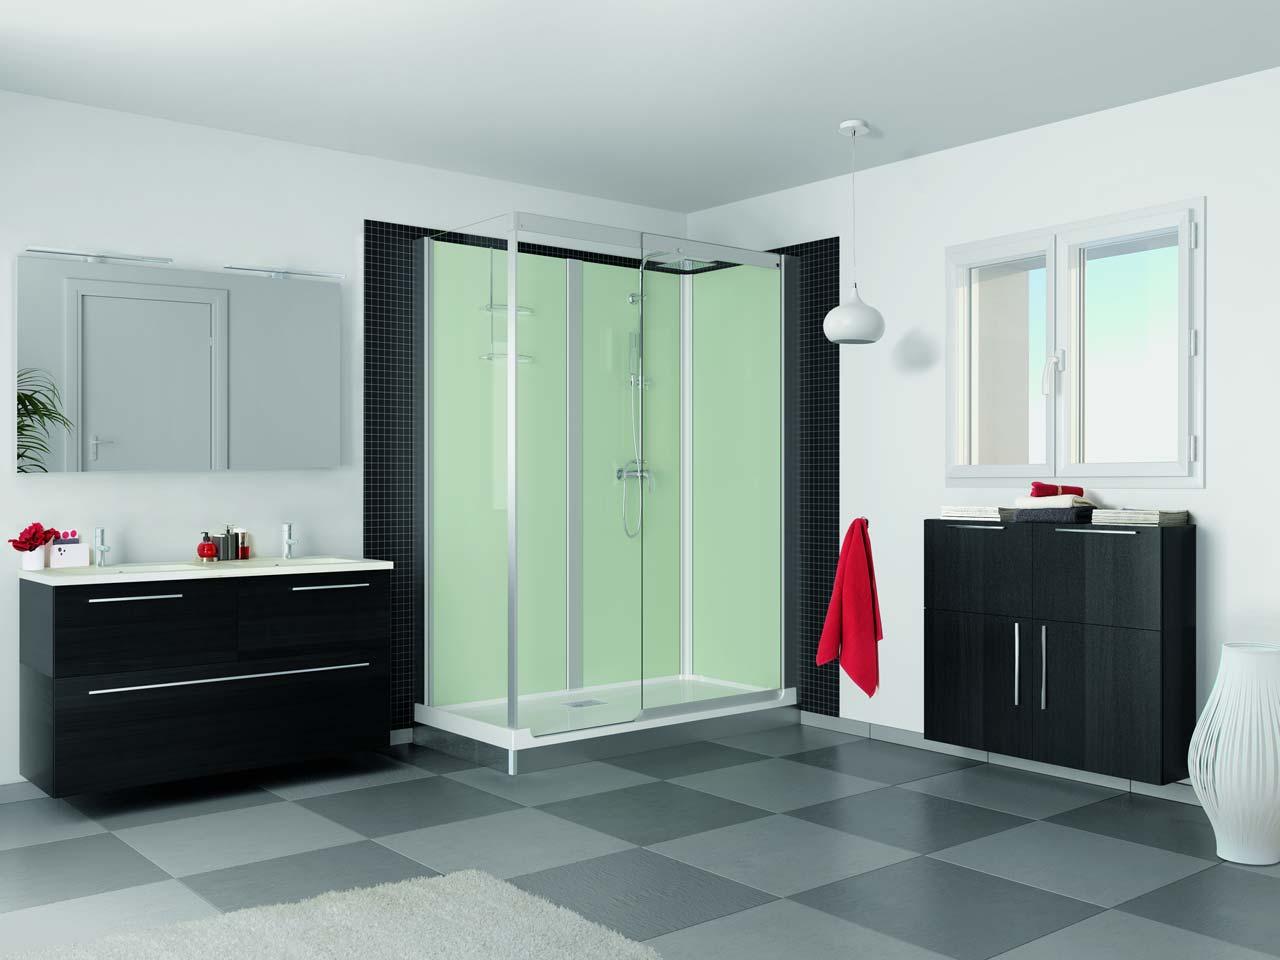 com vermieter will badewanne durch dusche ersetzen badewanne. Black Bedroom Furniture Sets. Home Design Ideas